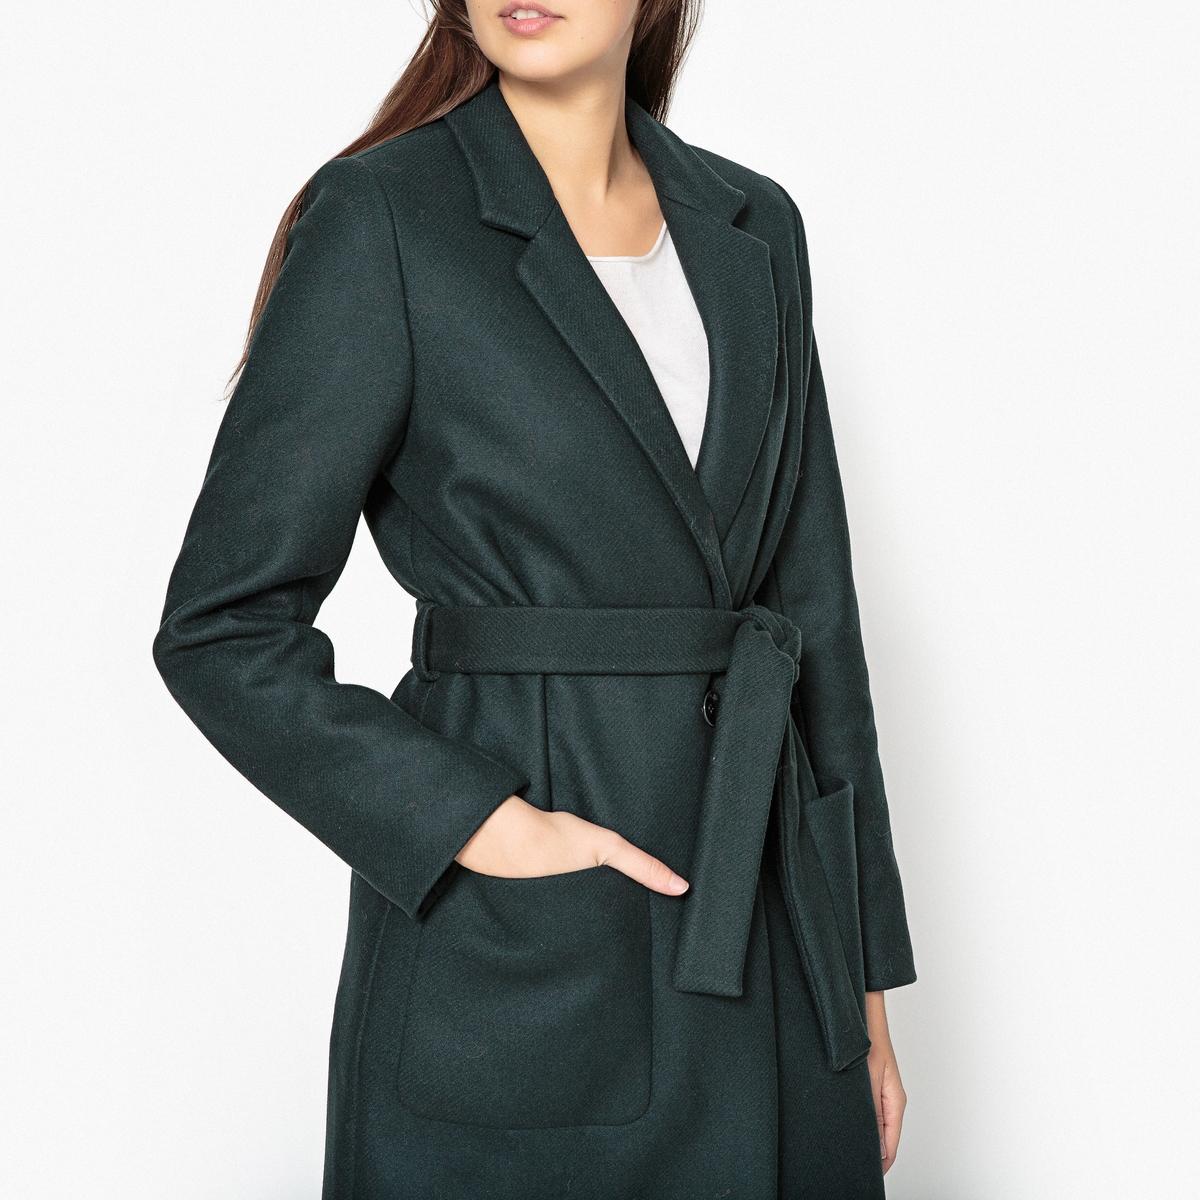 Пальто прямое с поясом MARCELINПрямое пальто SESSUN - модель  MARCELIN с поясом, смесовый шерстяной материал.Детали •  Длина : средняя •  Шалевый воротник •  Без застежкиСостав и уход •  80% шерсти, 20% полиамида •  Следуйте советам по уходу, указанным на этикетке<br><br>Цвет: темно-зеленый